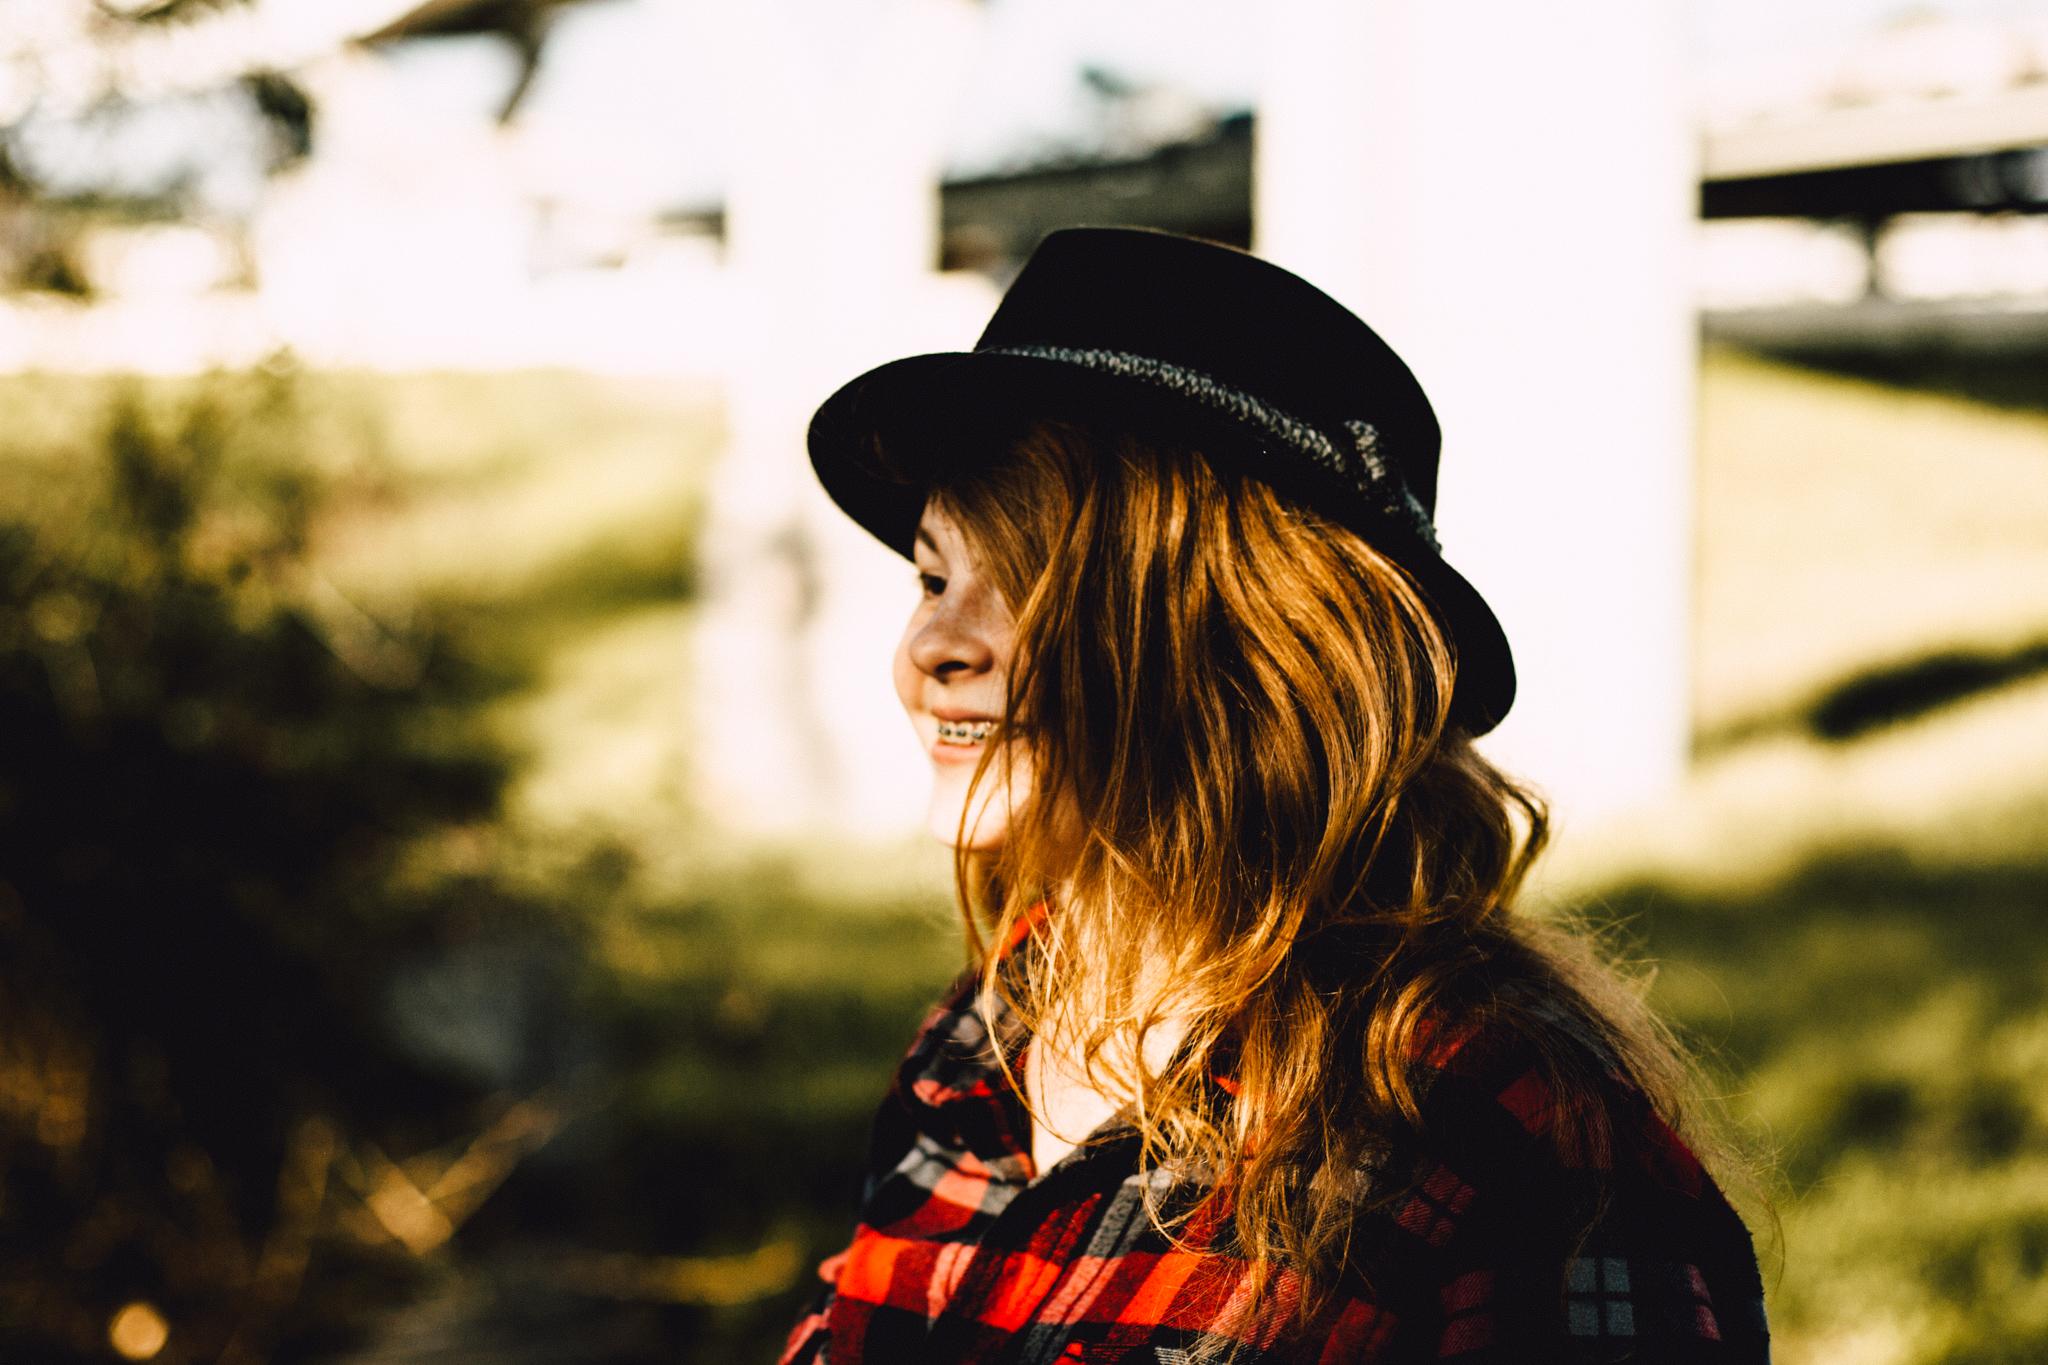 Houston Delight Girls-Johanna Schnakenberg-22.jpg